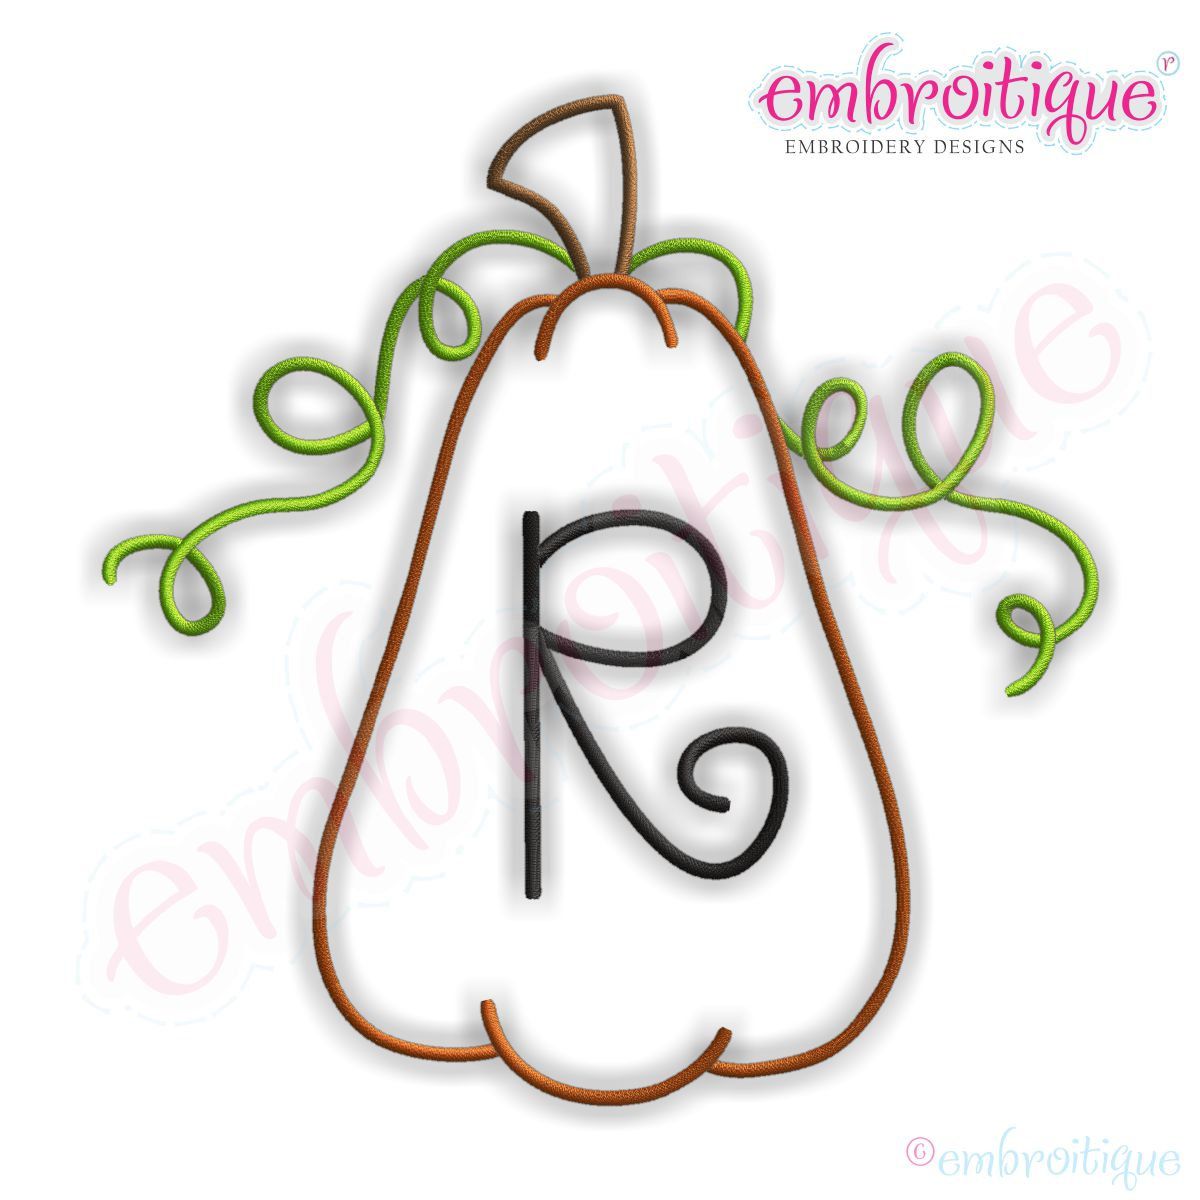 tall-pumpkin-outline-clip-art-Embroitique_Tall_Pumpkin_Outline_with ... Tall Pumpkin Outline Clip Art